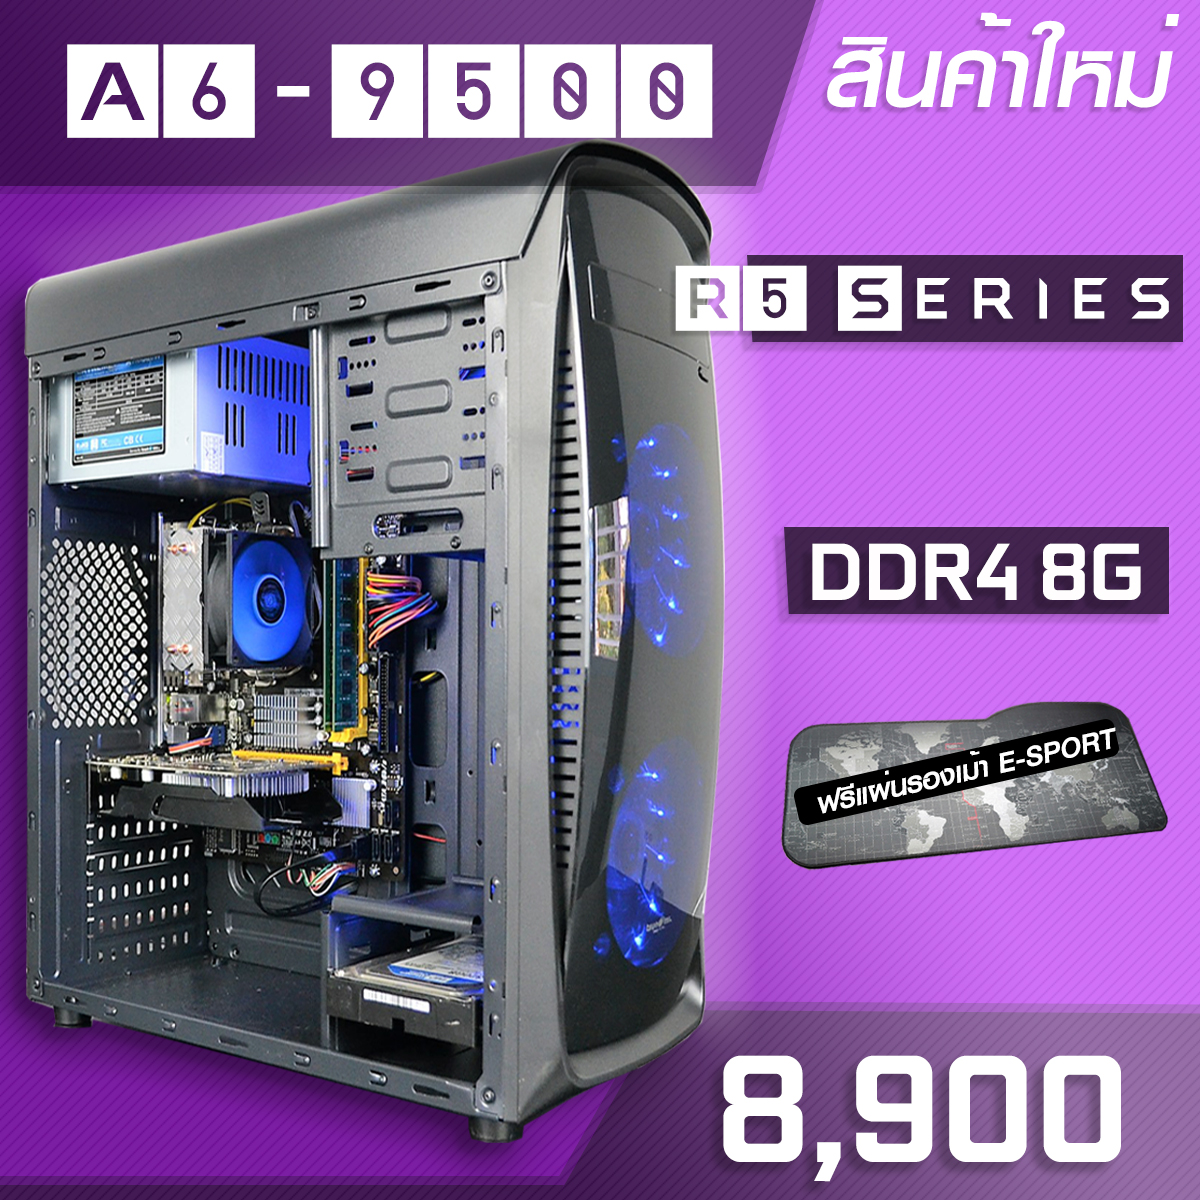 AMD A6-9500 | DDR4 BUS 2400 8G | 1TB 7200RPM